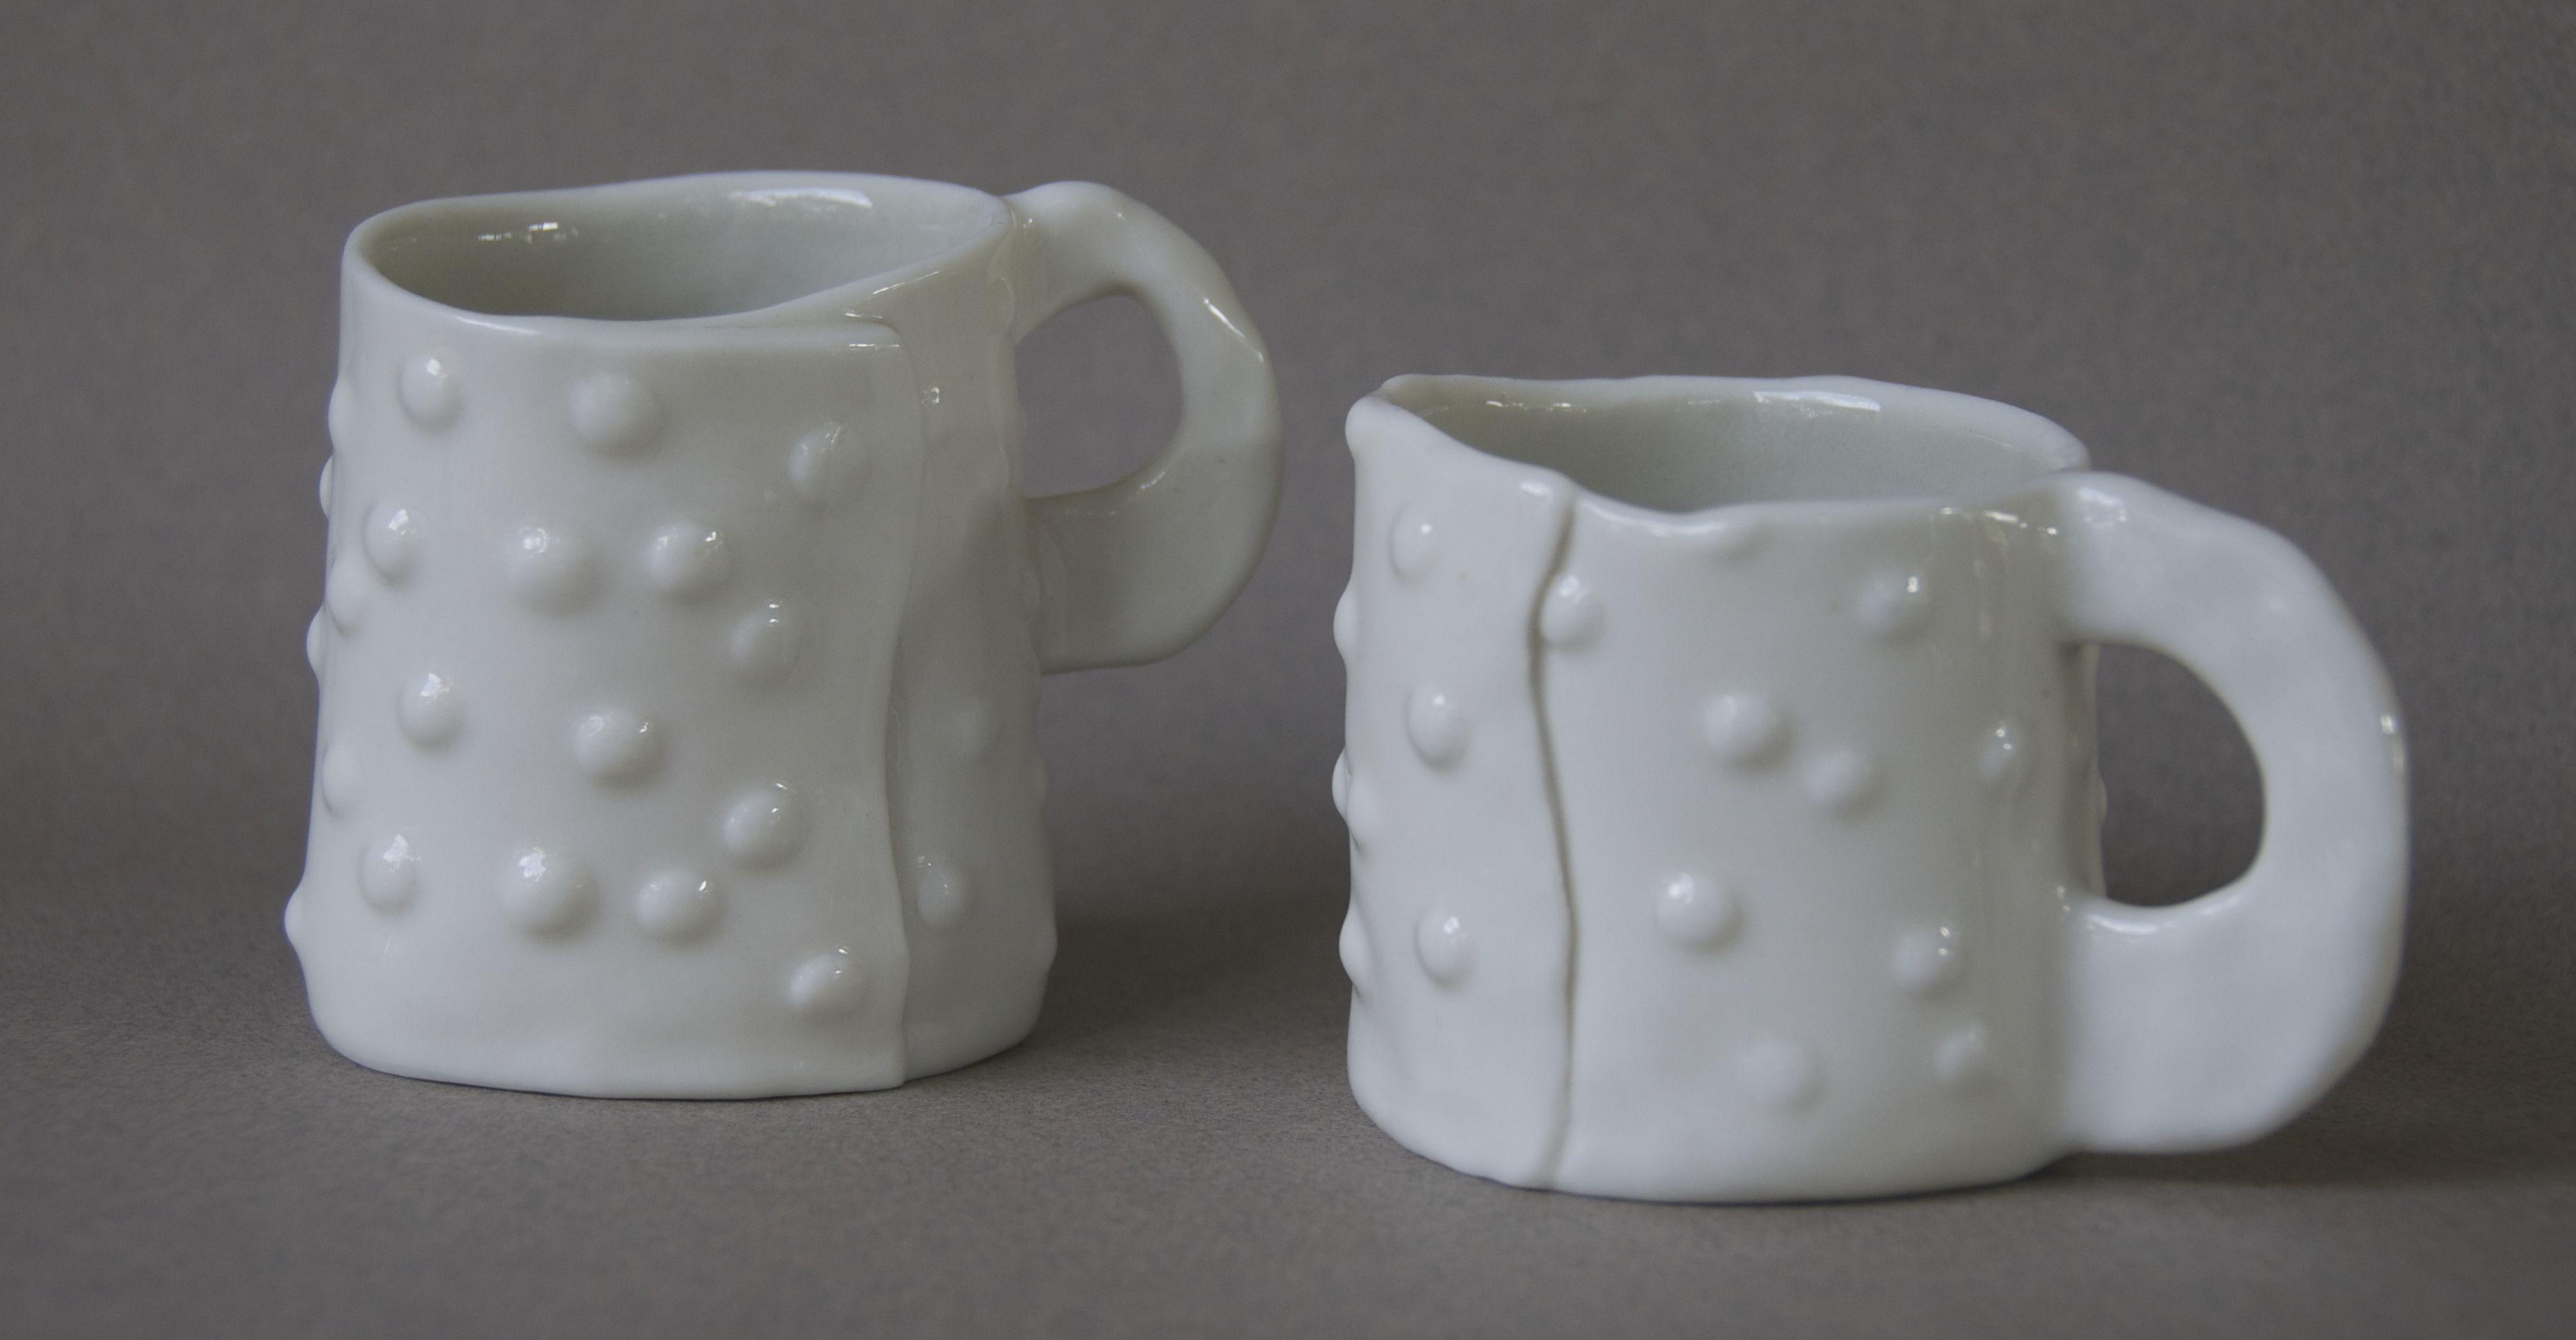 Wrap Cups With Dots Porcelain 10X7X8 Cm $35 Each